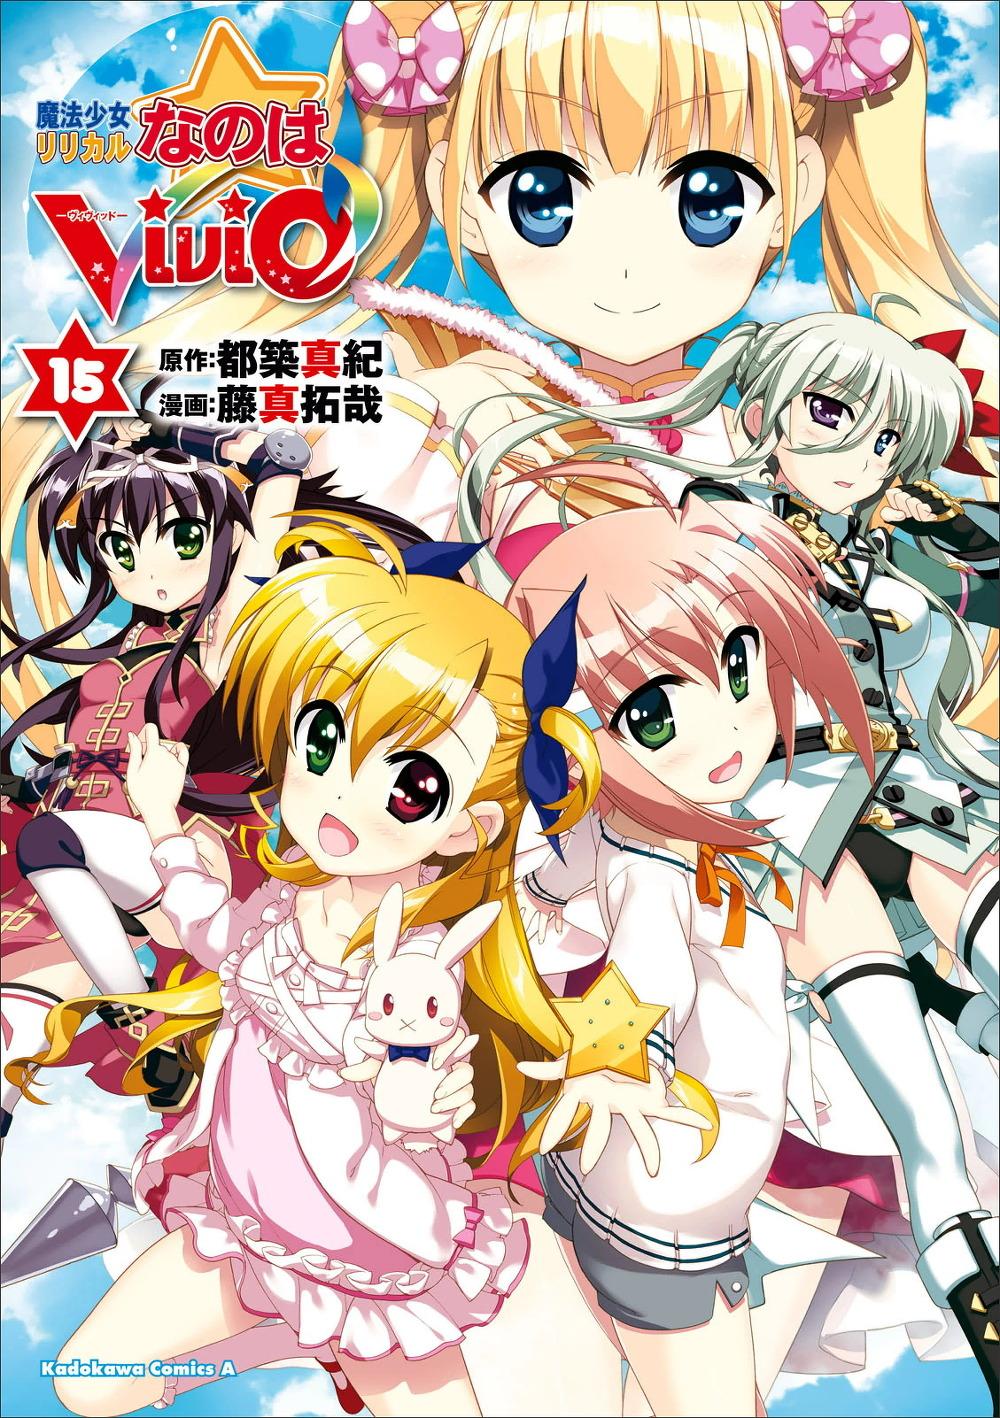 마법소녀 리리컬 나노하 ViVid 第15巻 (魔法少女リリカルなのはVivid 第15巻